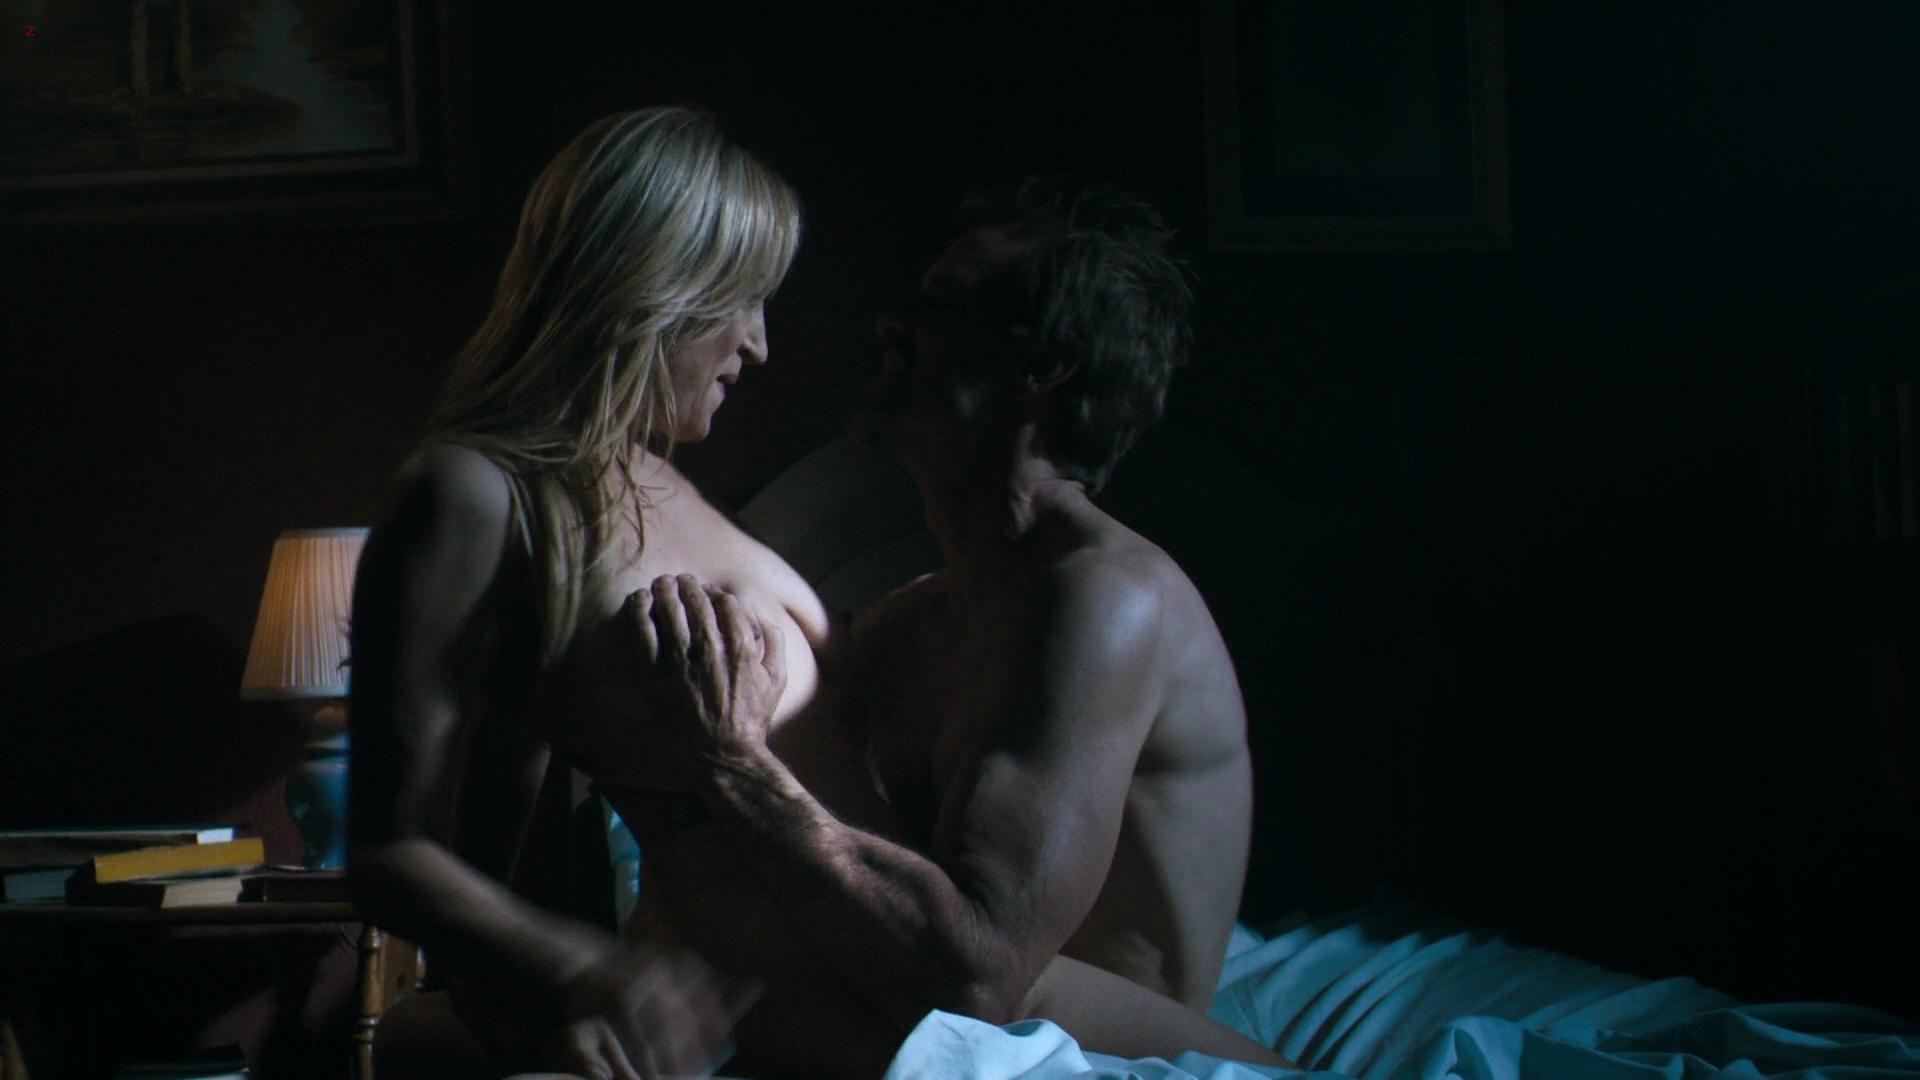 danielle harris boobs